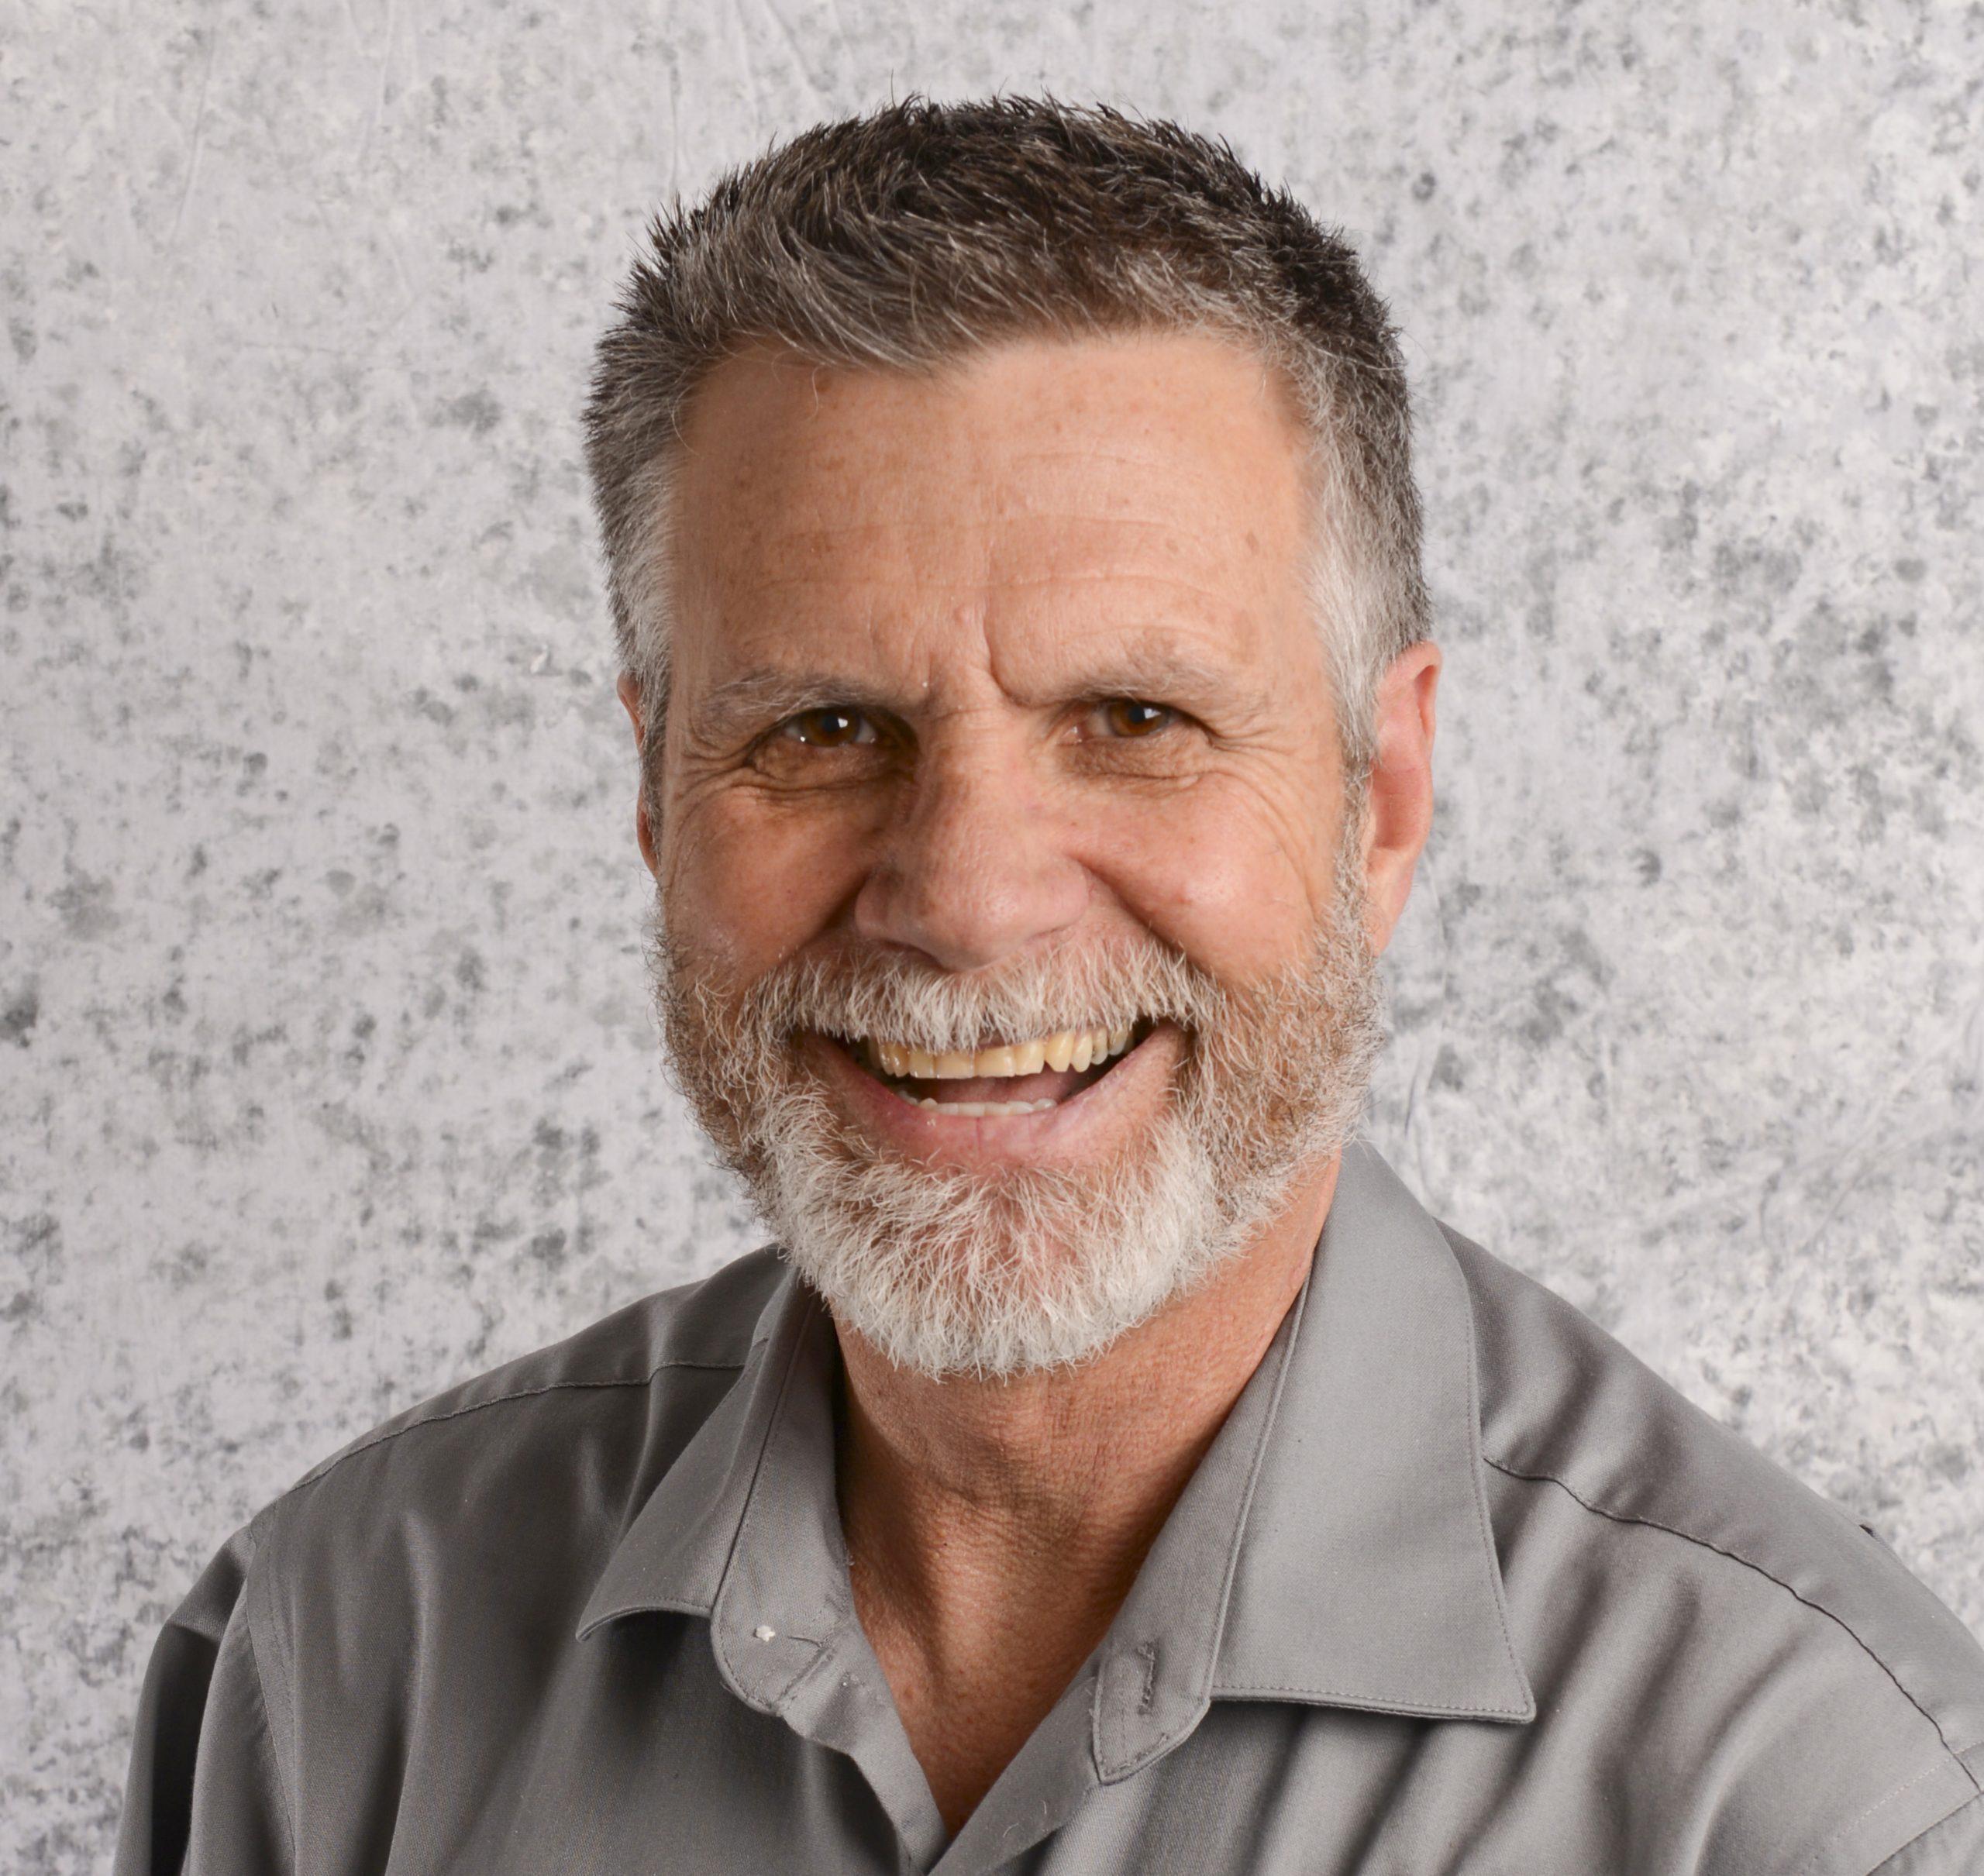 David Combs